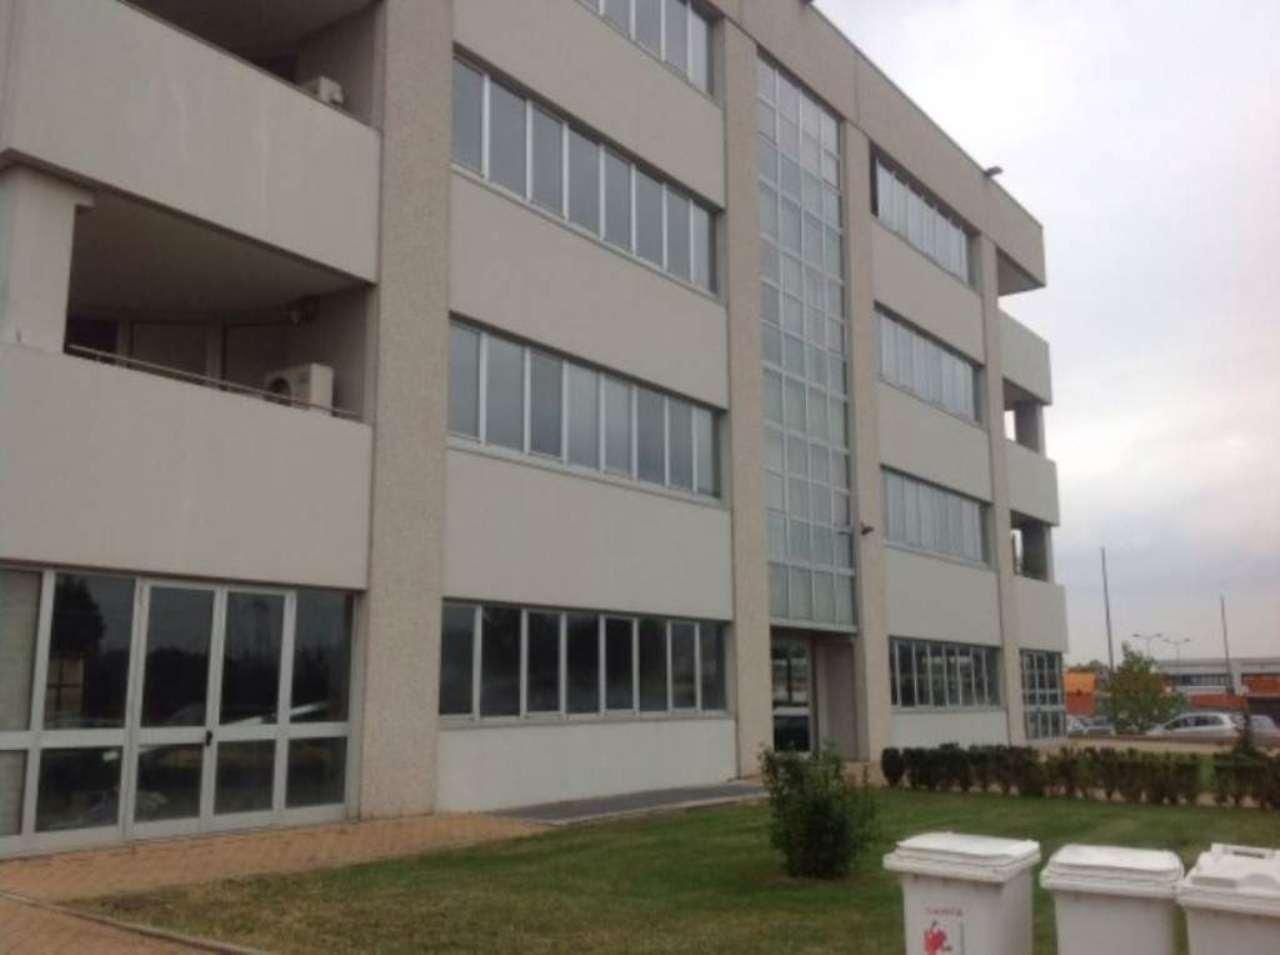 Ufficio / Studio in Affitto a Moncalieri